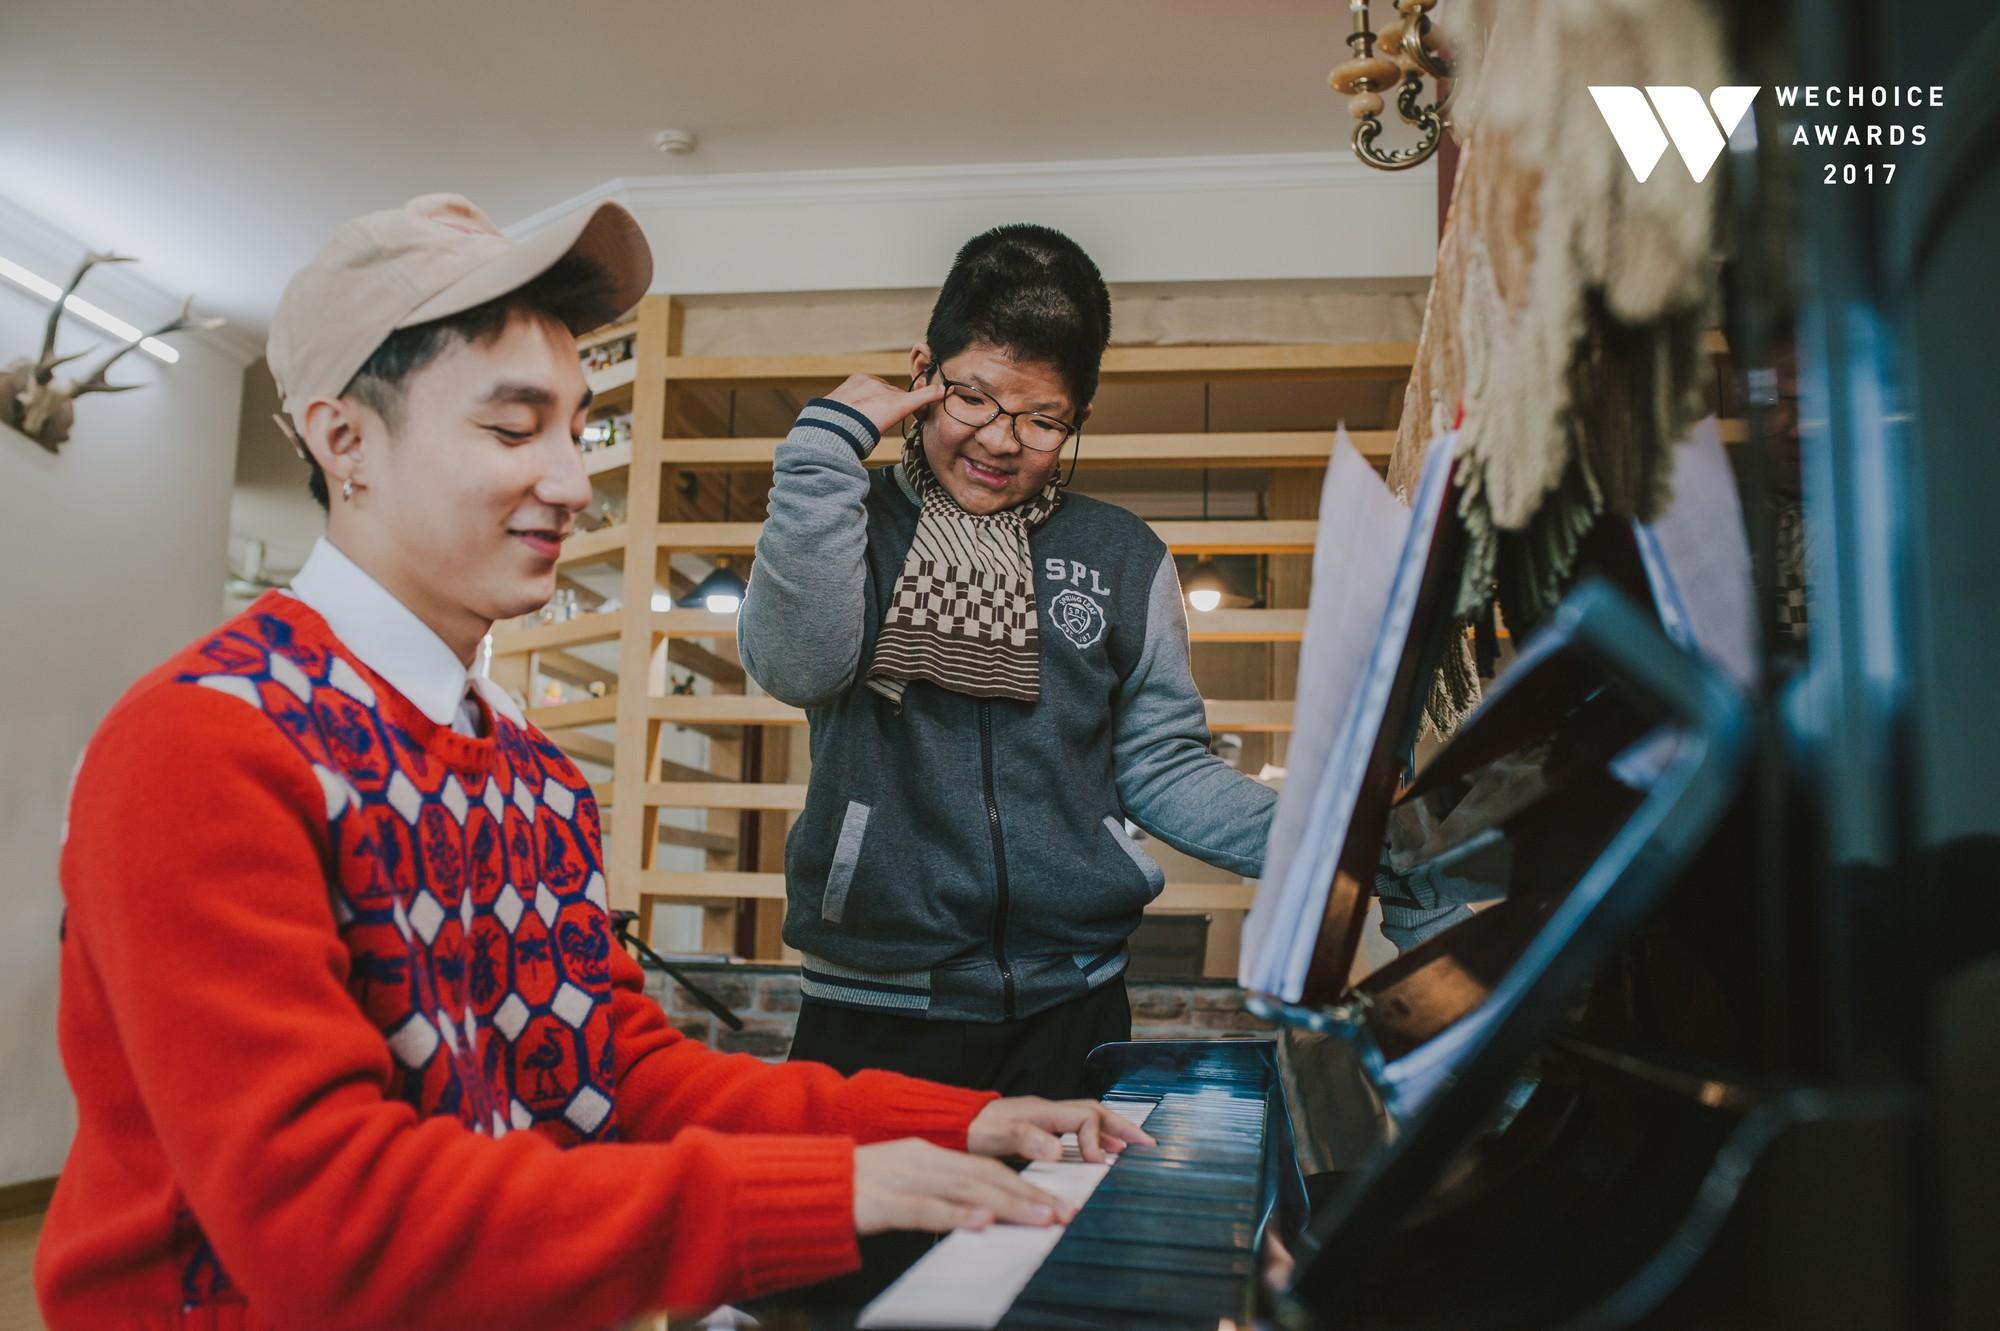 Khoảnh khắc đẹp: Sơn Tùng và bé Bôm hoà chung đam mê qua tiếng đàn, tập luyện cho sân khấu đặc biệt Gala WeChoice Awards 2017 - Ảnh 16.